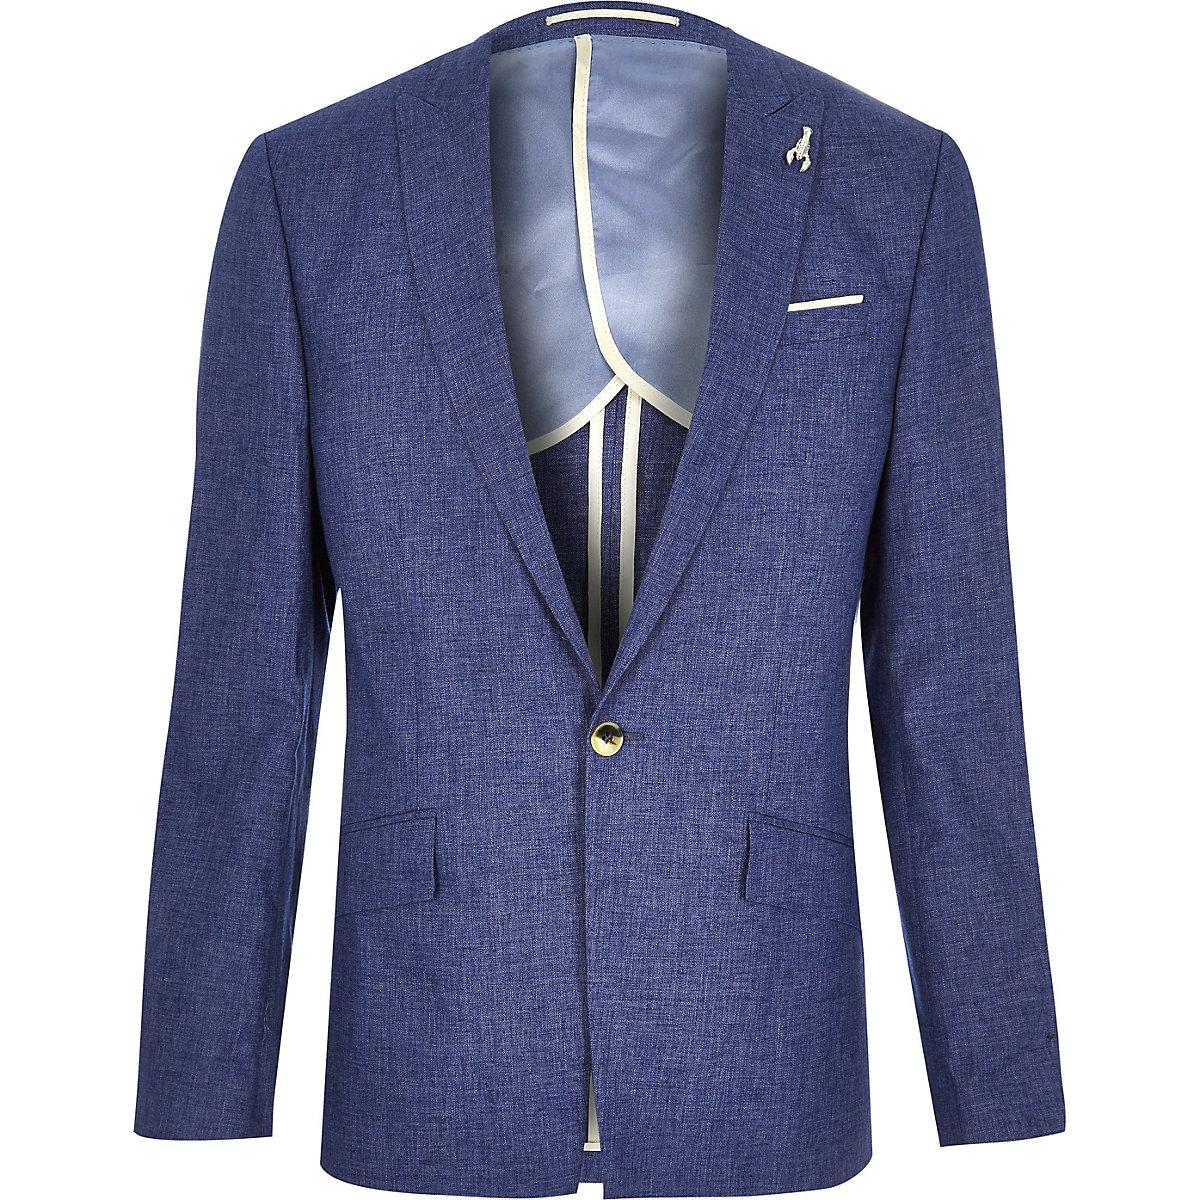 Blue linen slim fit suit jacket